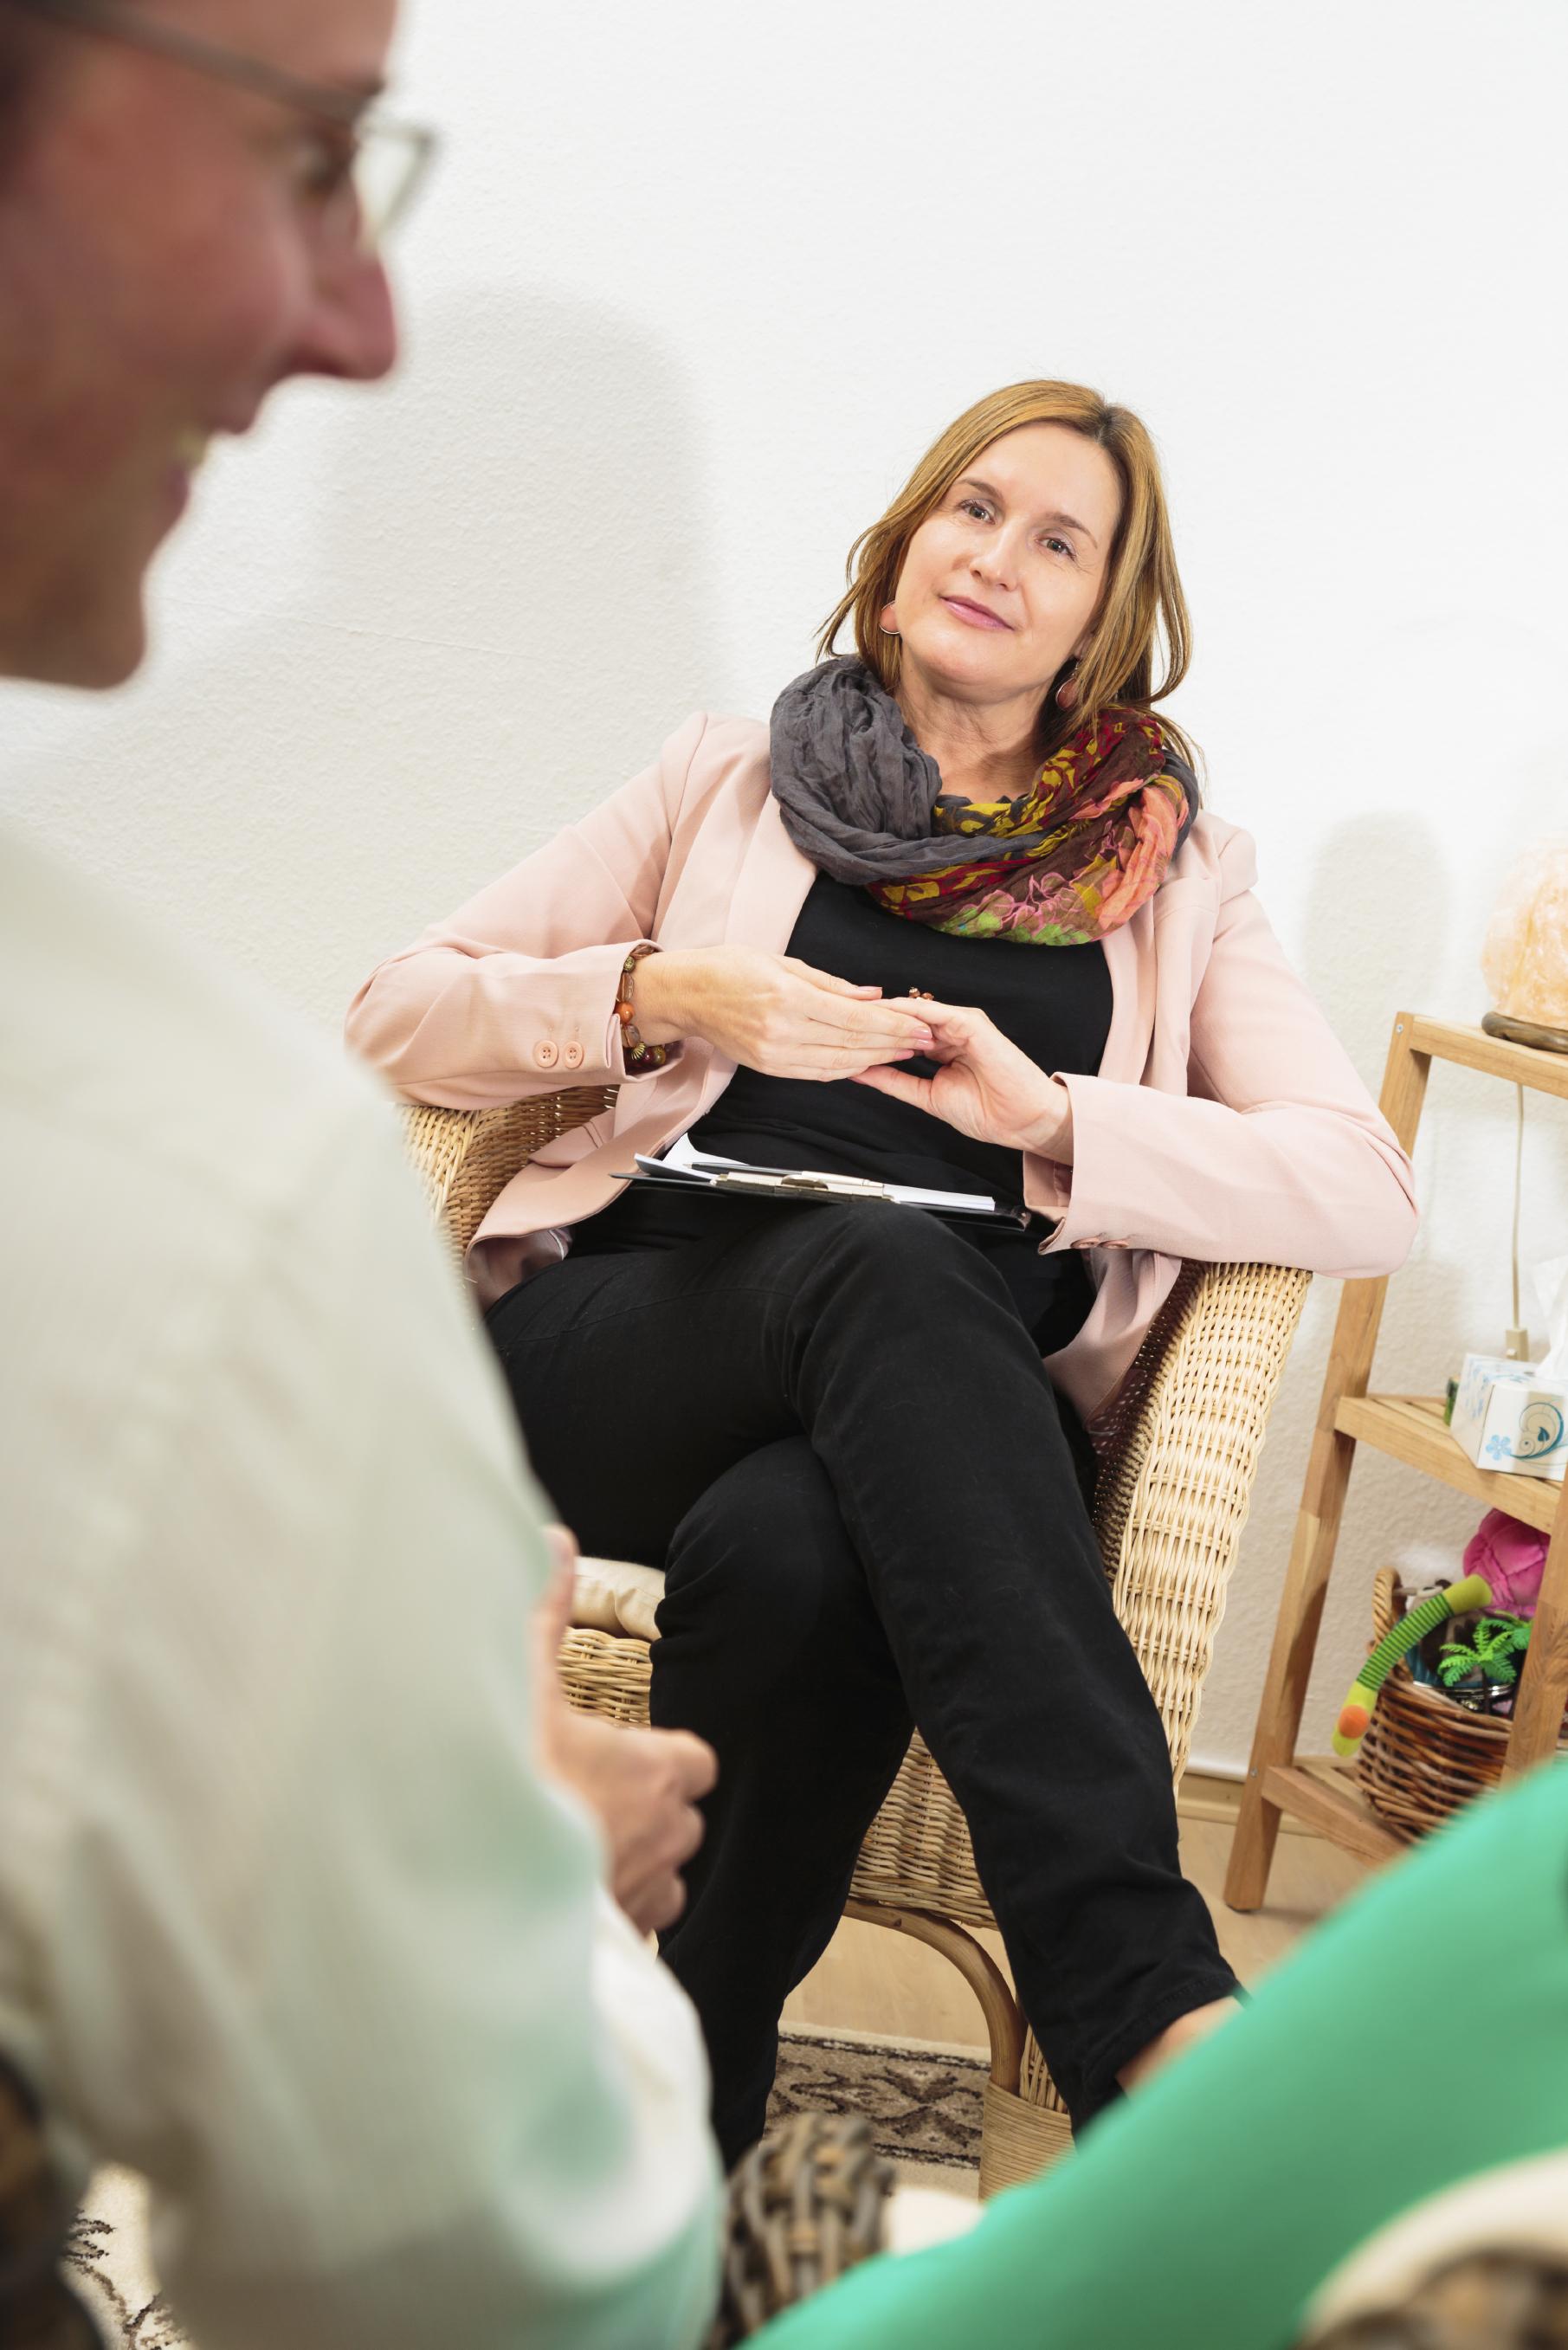 De zelfstandige klinisch psycholoog heeft geen goesting